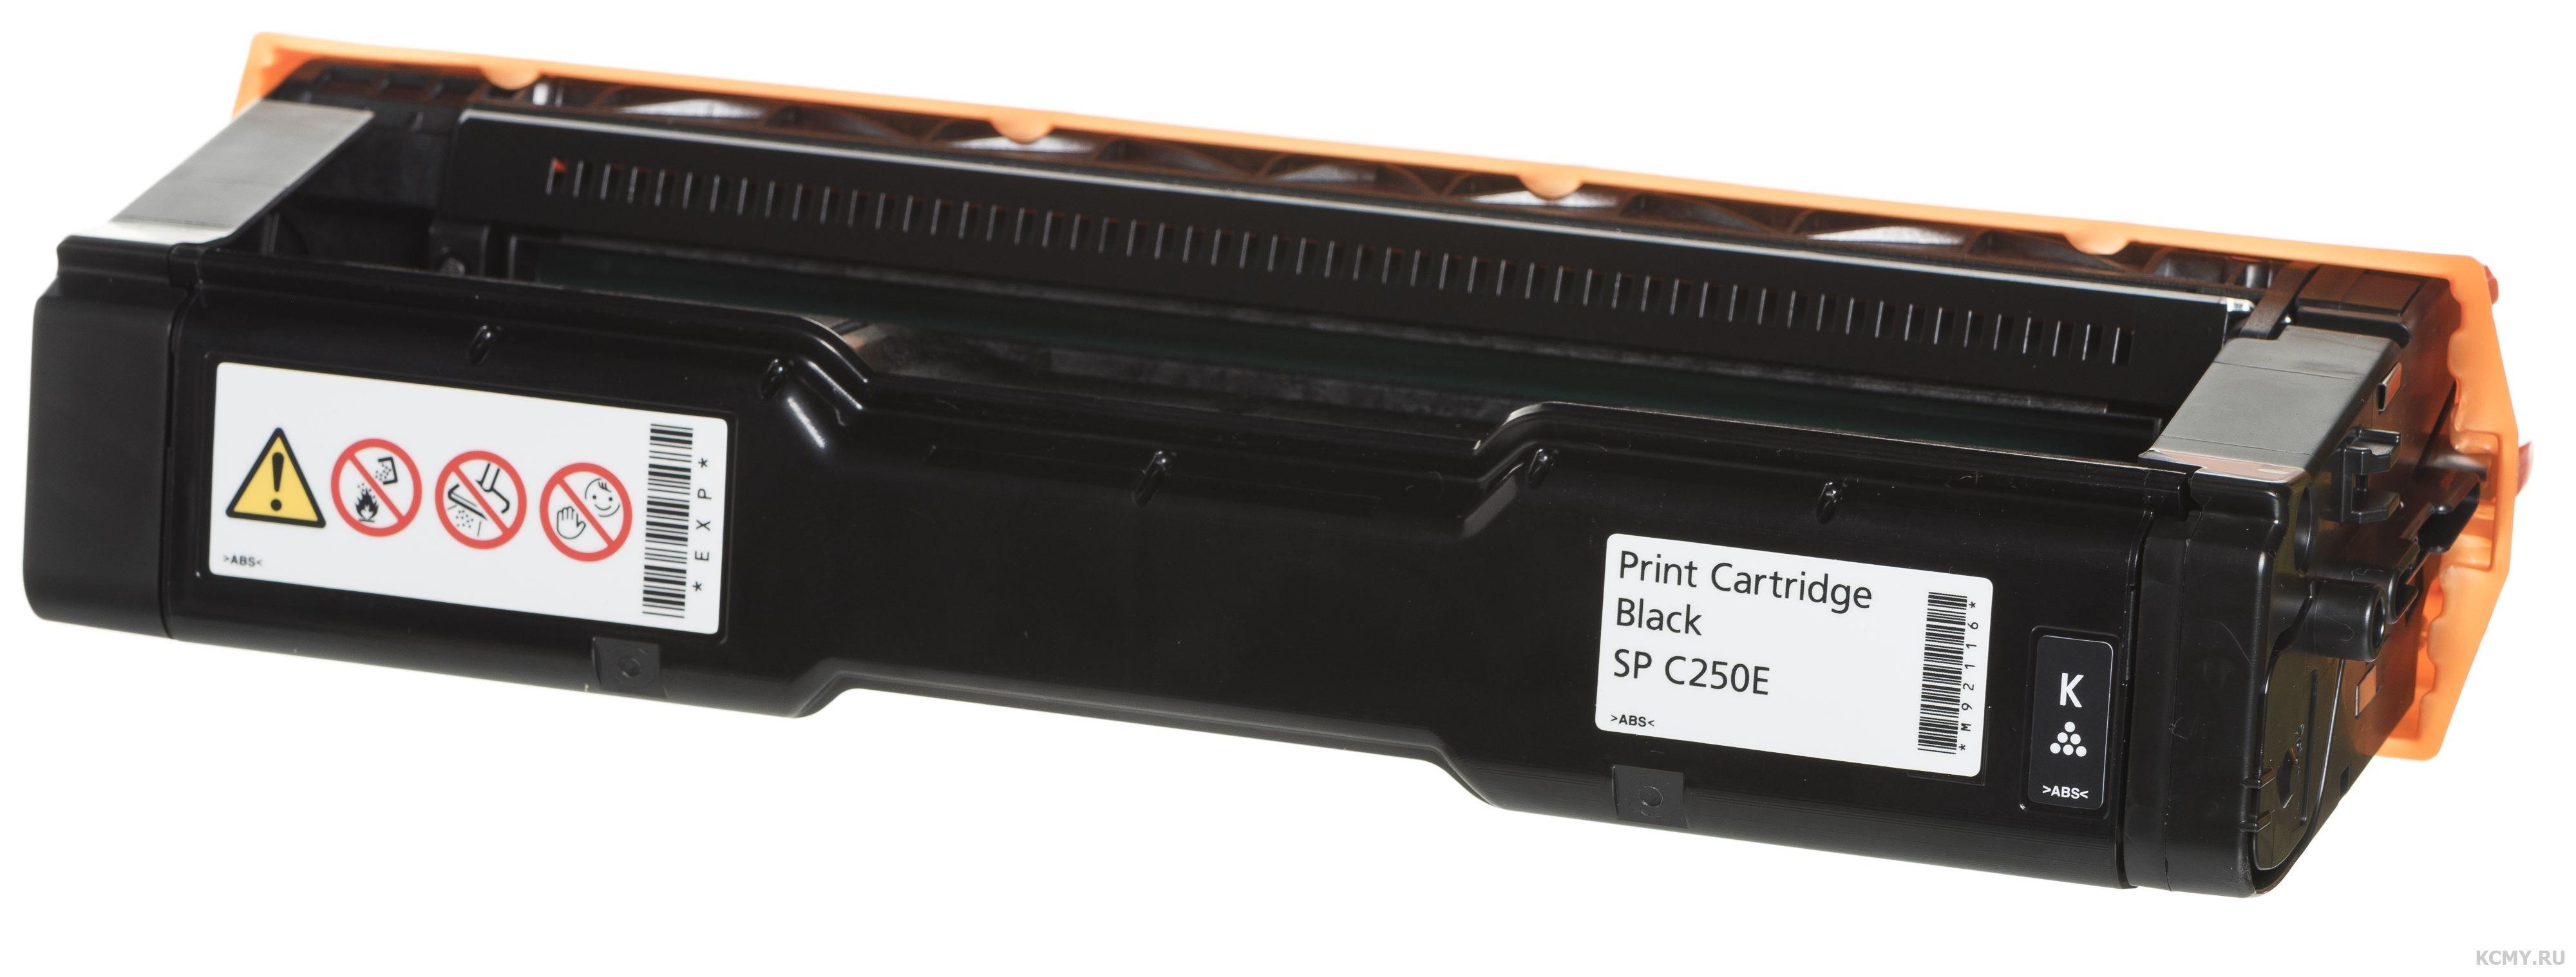 Ricoh SP C250E, Ricoh 407543